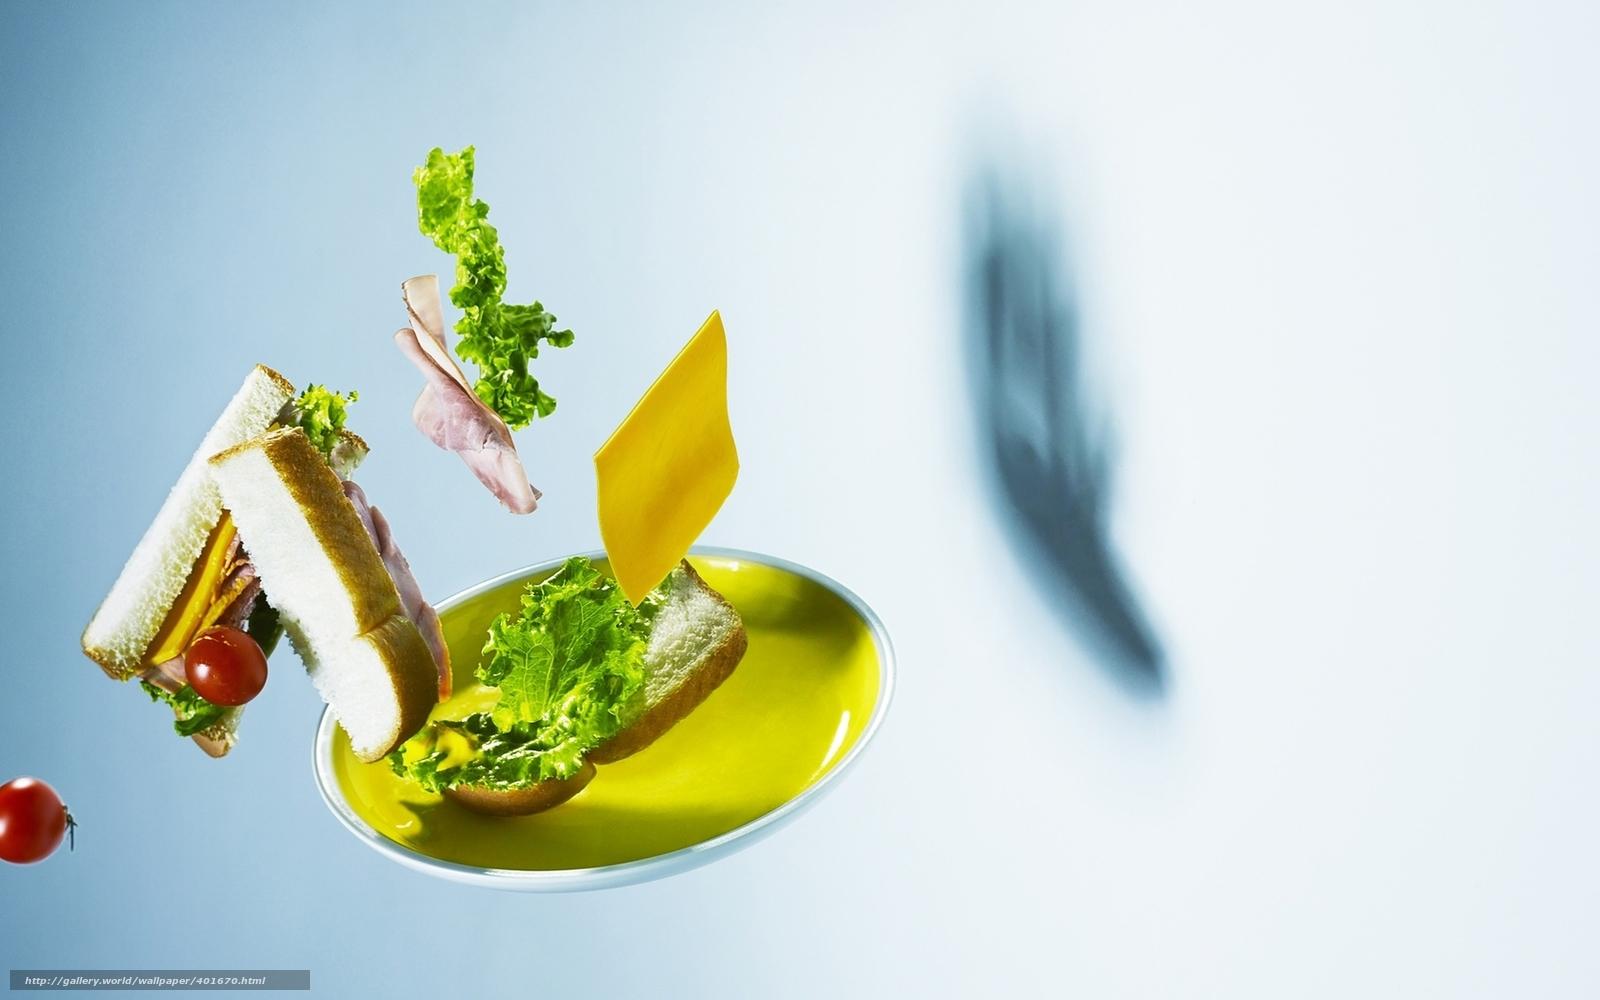 Скачать обои тарелка,  полёт,  хлеб,  салат бесплатно для рабочего стола в разрешении 1680x1050 — картинка №401670